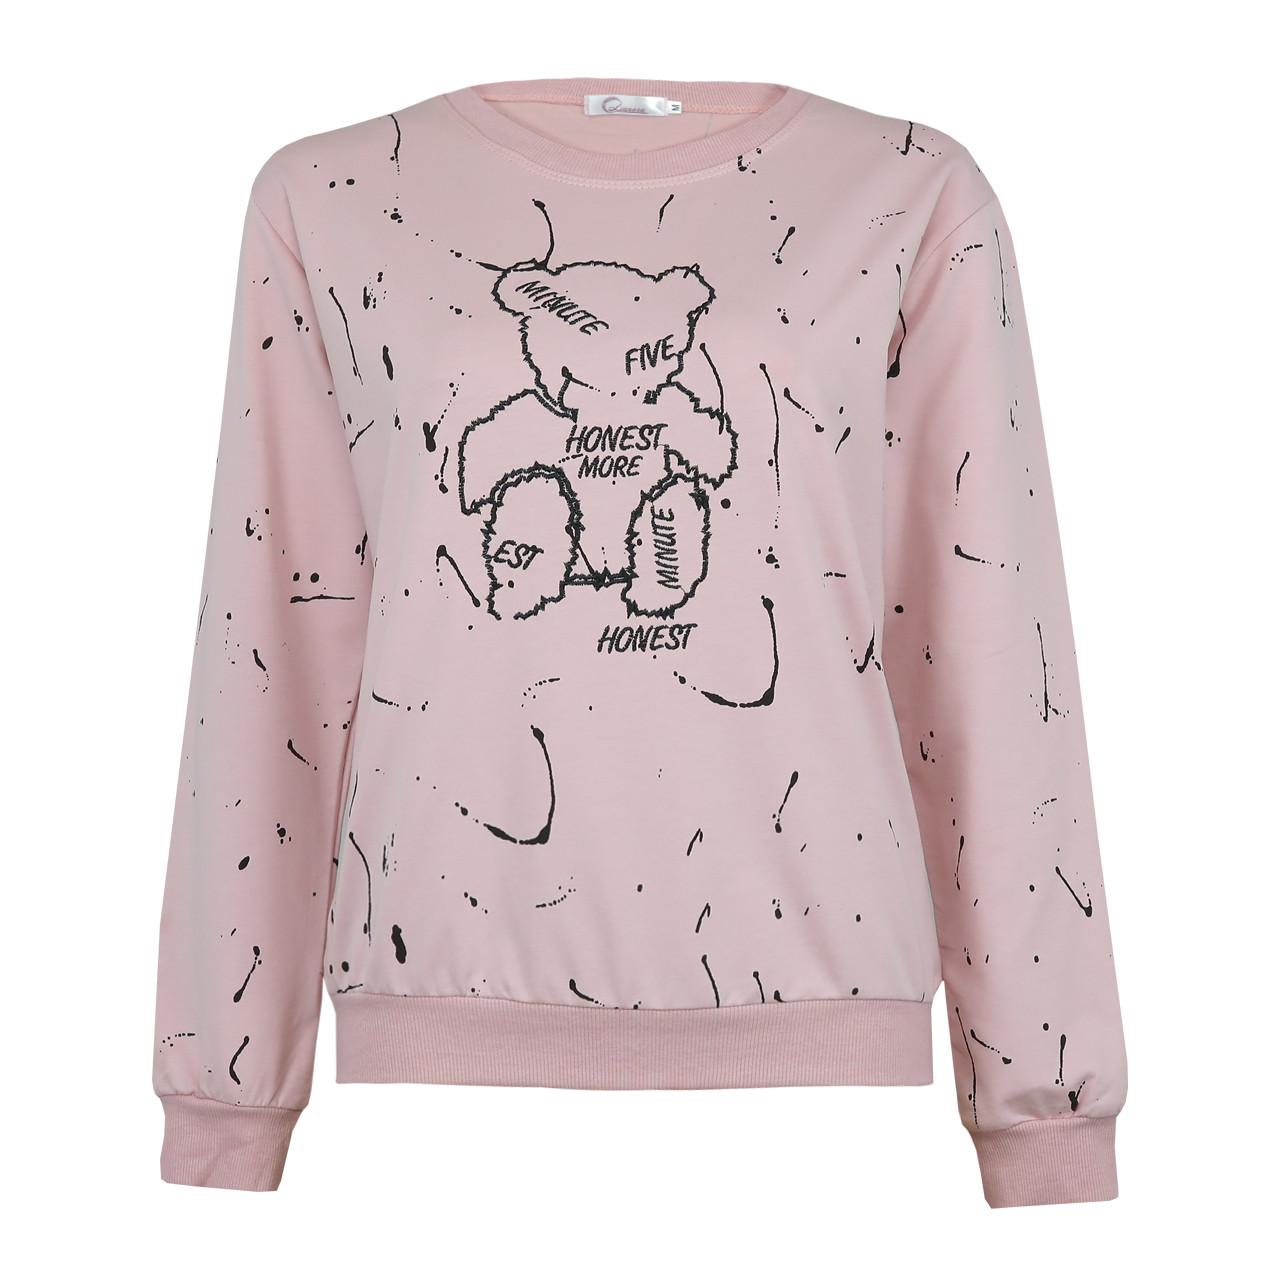 Кофта женская стильная розовая, демисезонный свитшот Lianara